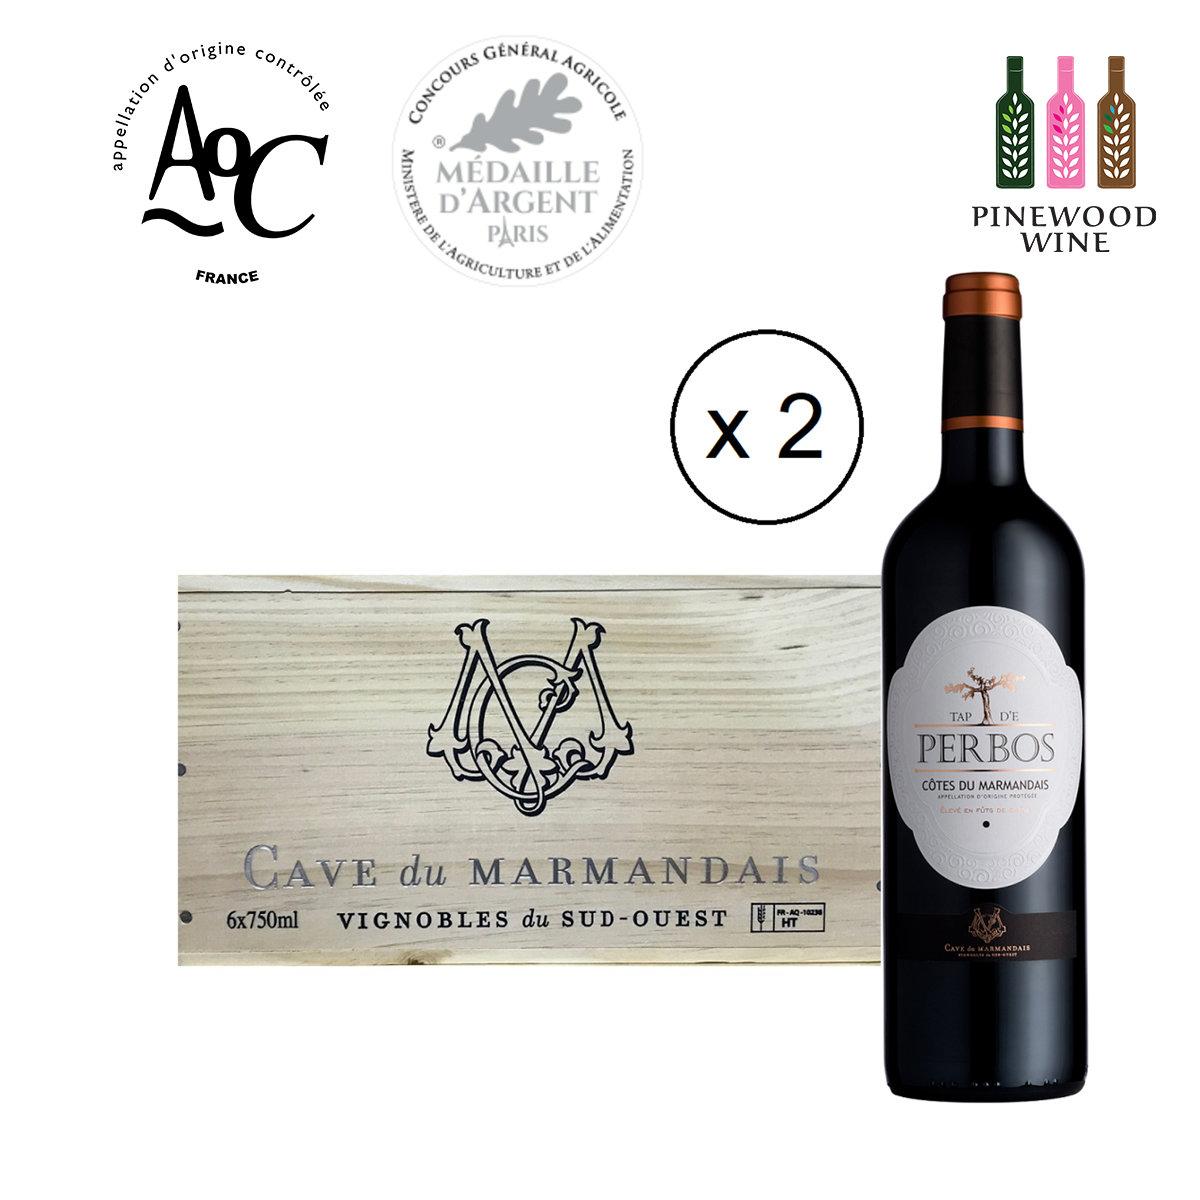 [Full Case] AOC Côtes du Marmandais 2018 750ml x 6 x 2